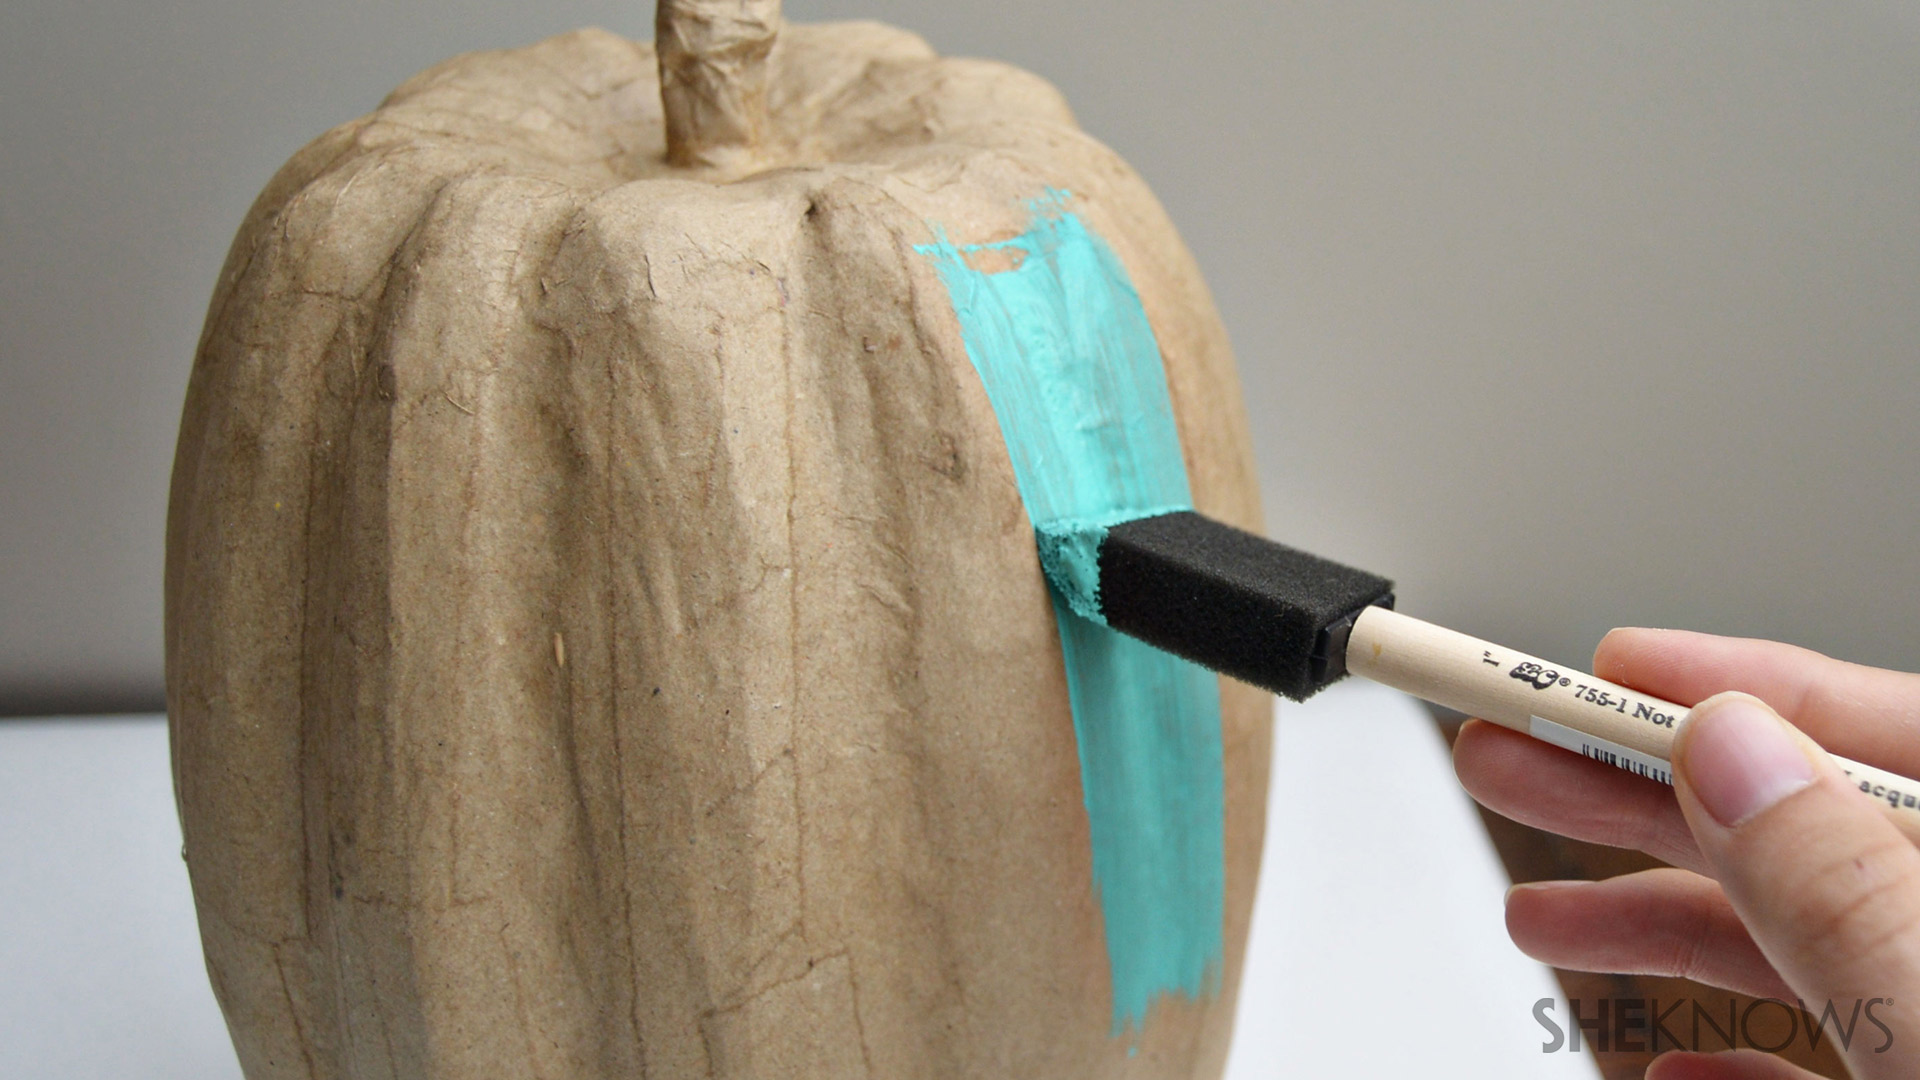 Chalkboard pumpkin   Sheknows.com - step 2